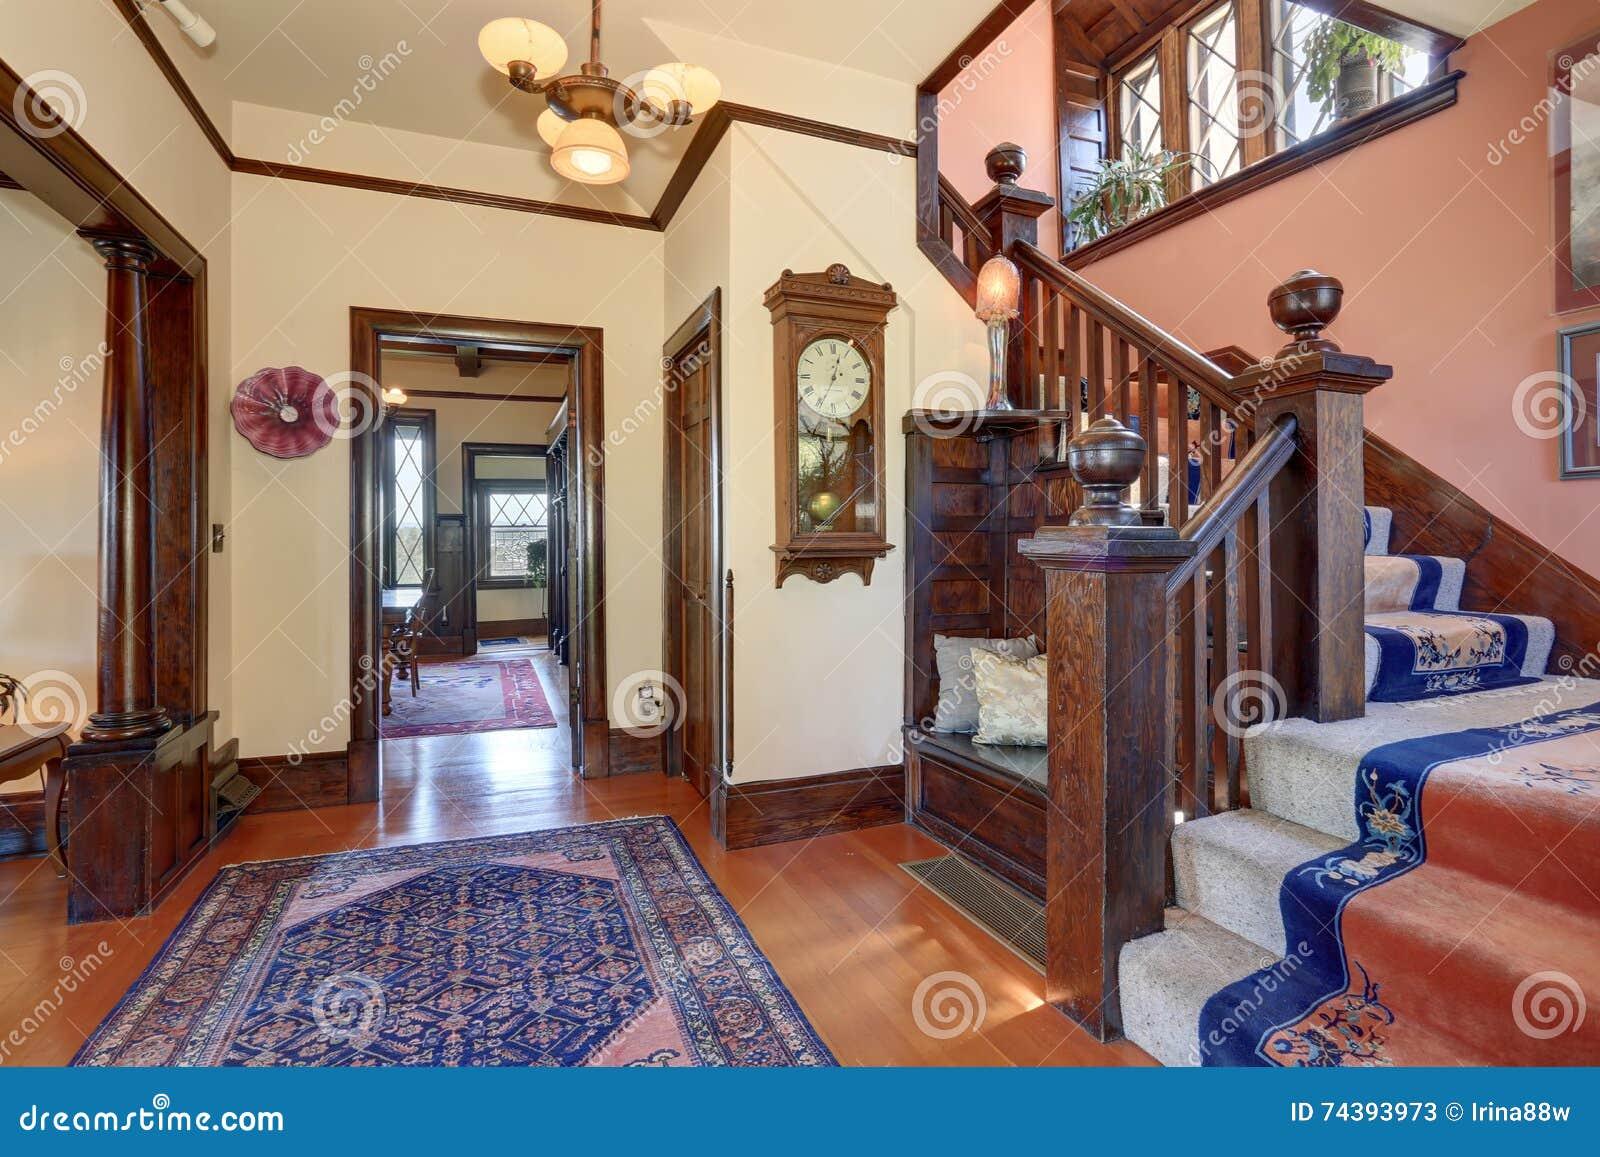 Gang met bruine versiering en hardhoutvloer in oud huis stock foto afbeelding 74393973 - Gang huis ...